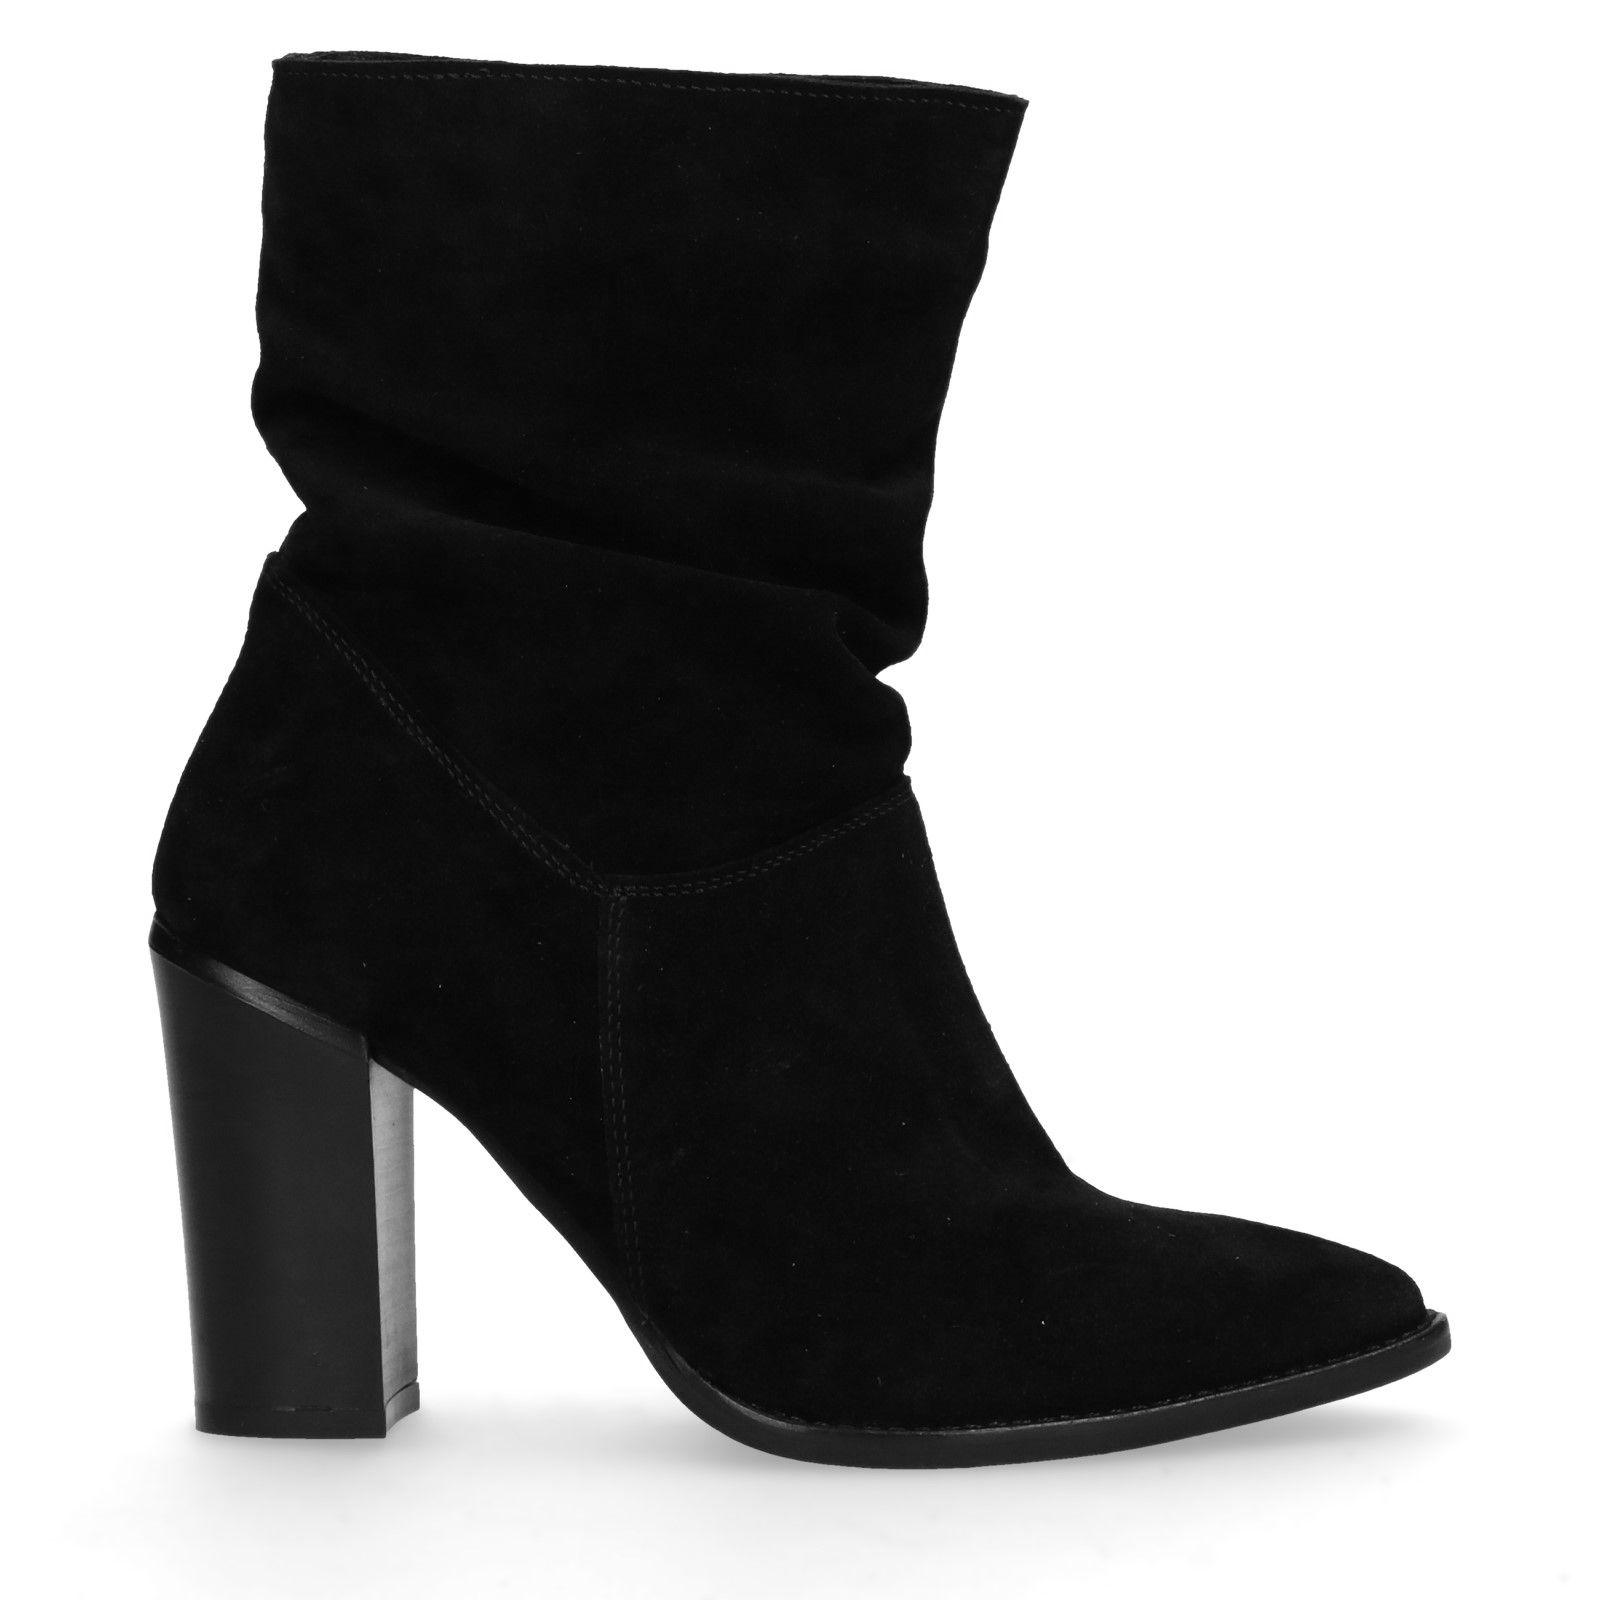 zwarte damesschoenen met hak